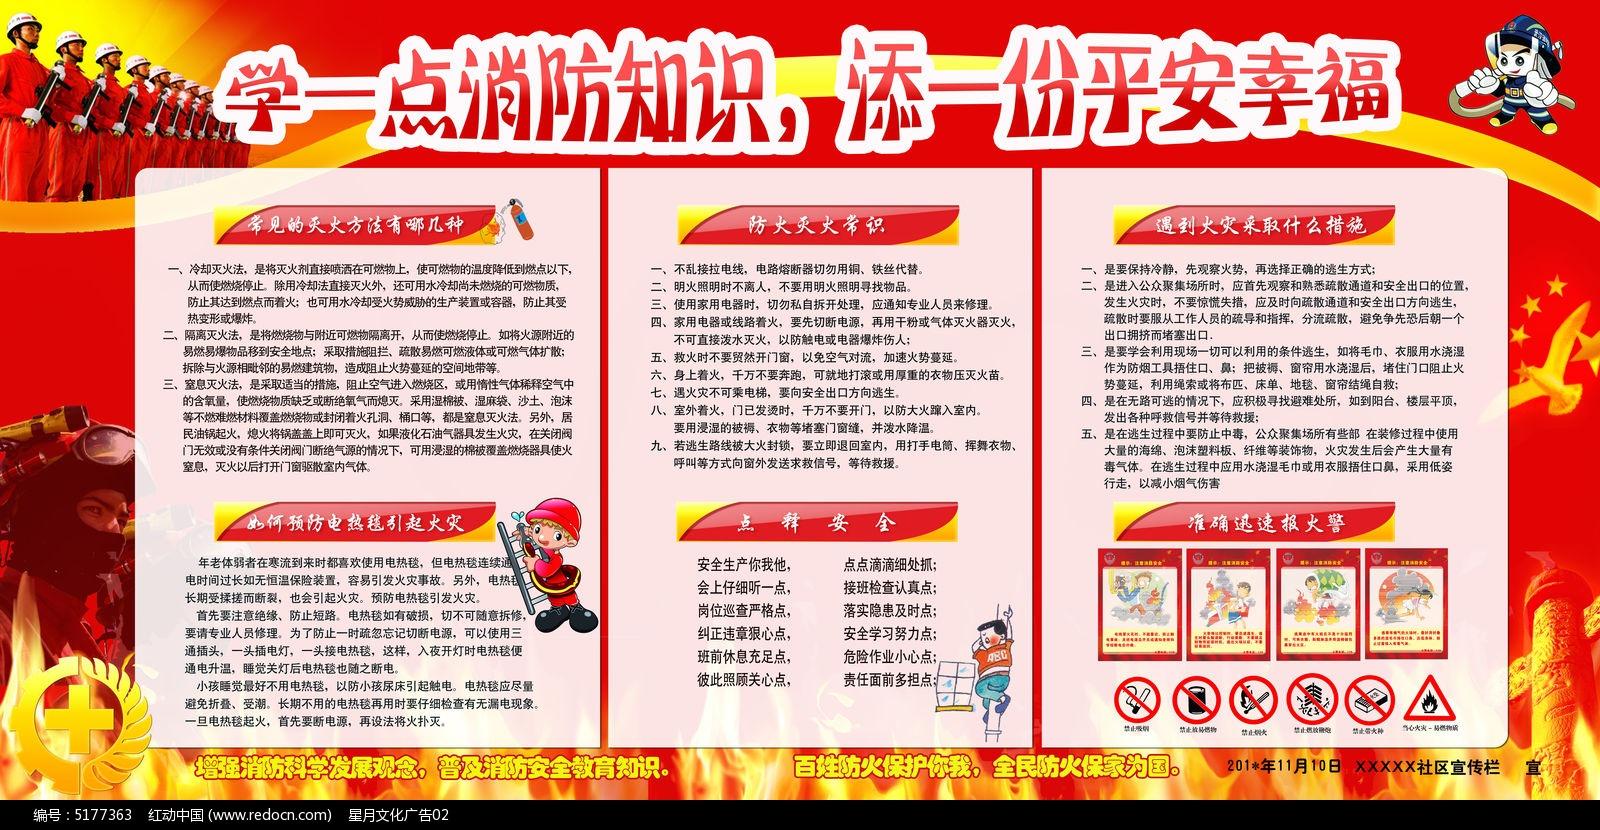 企业单位消防宣传栏模板